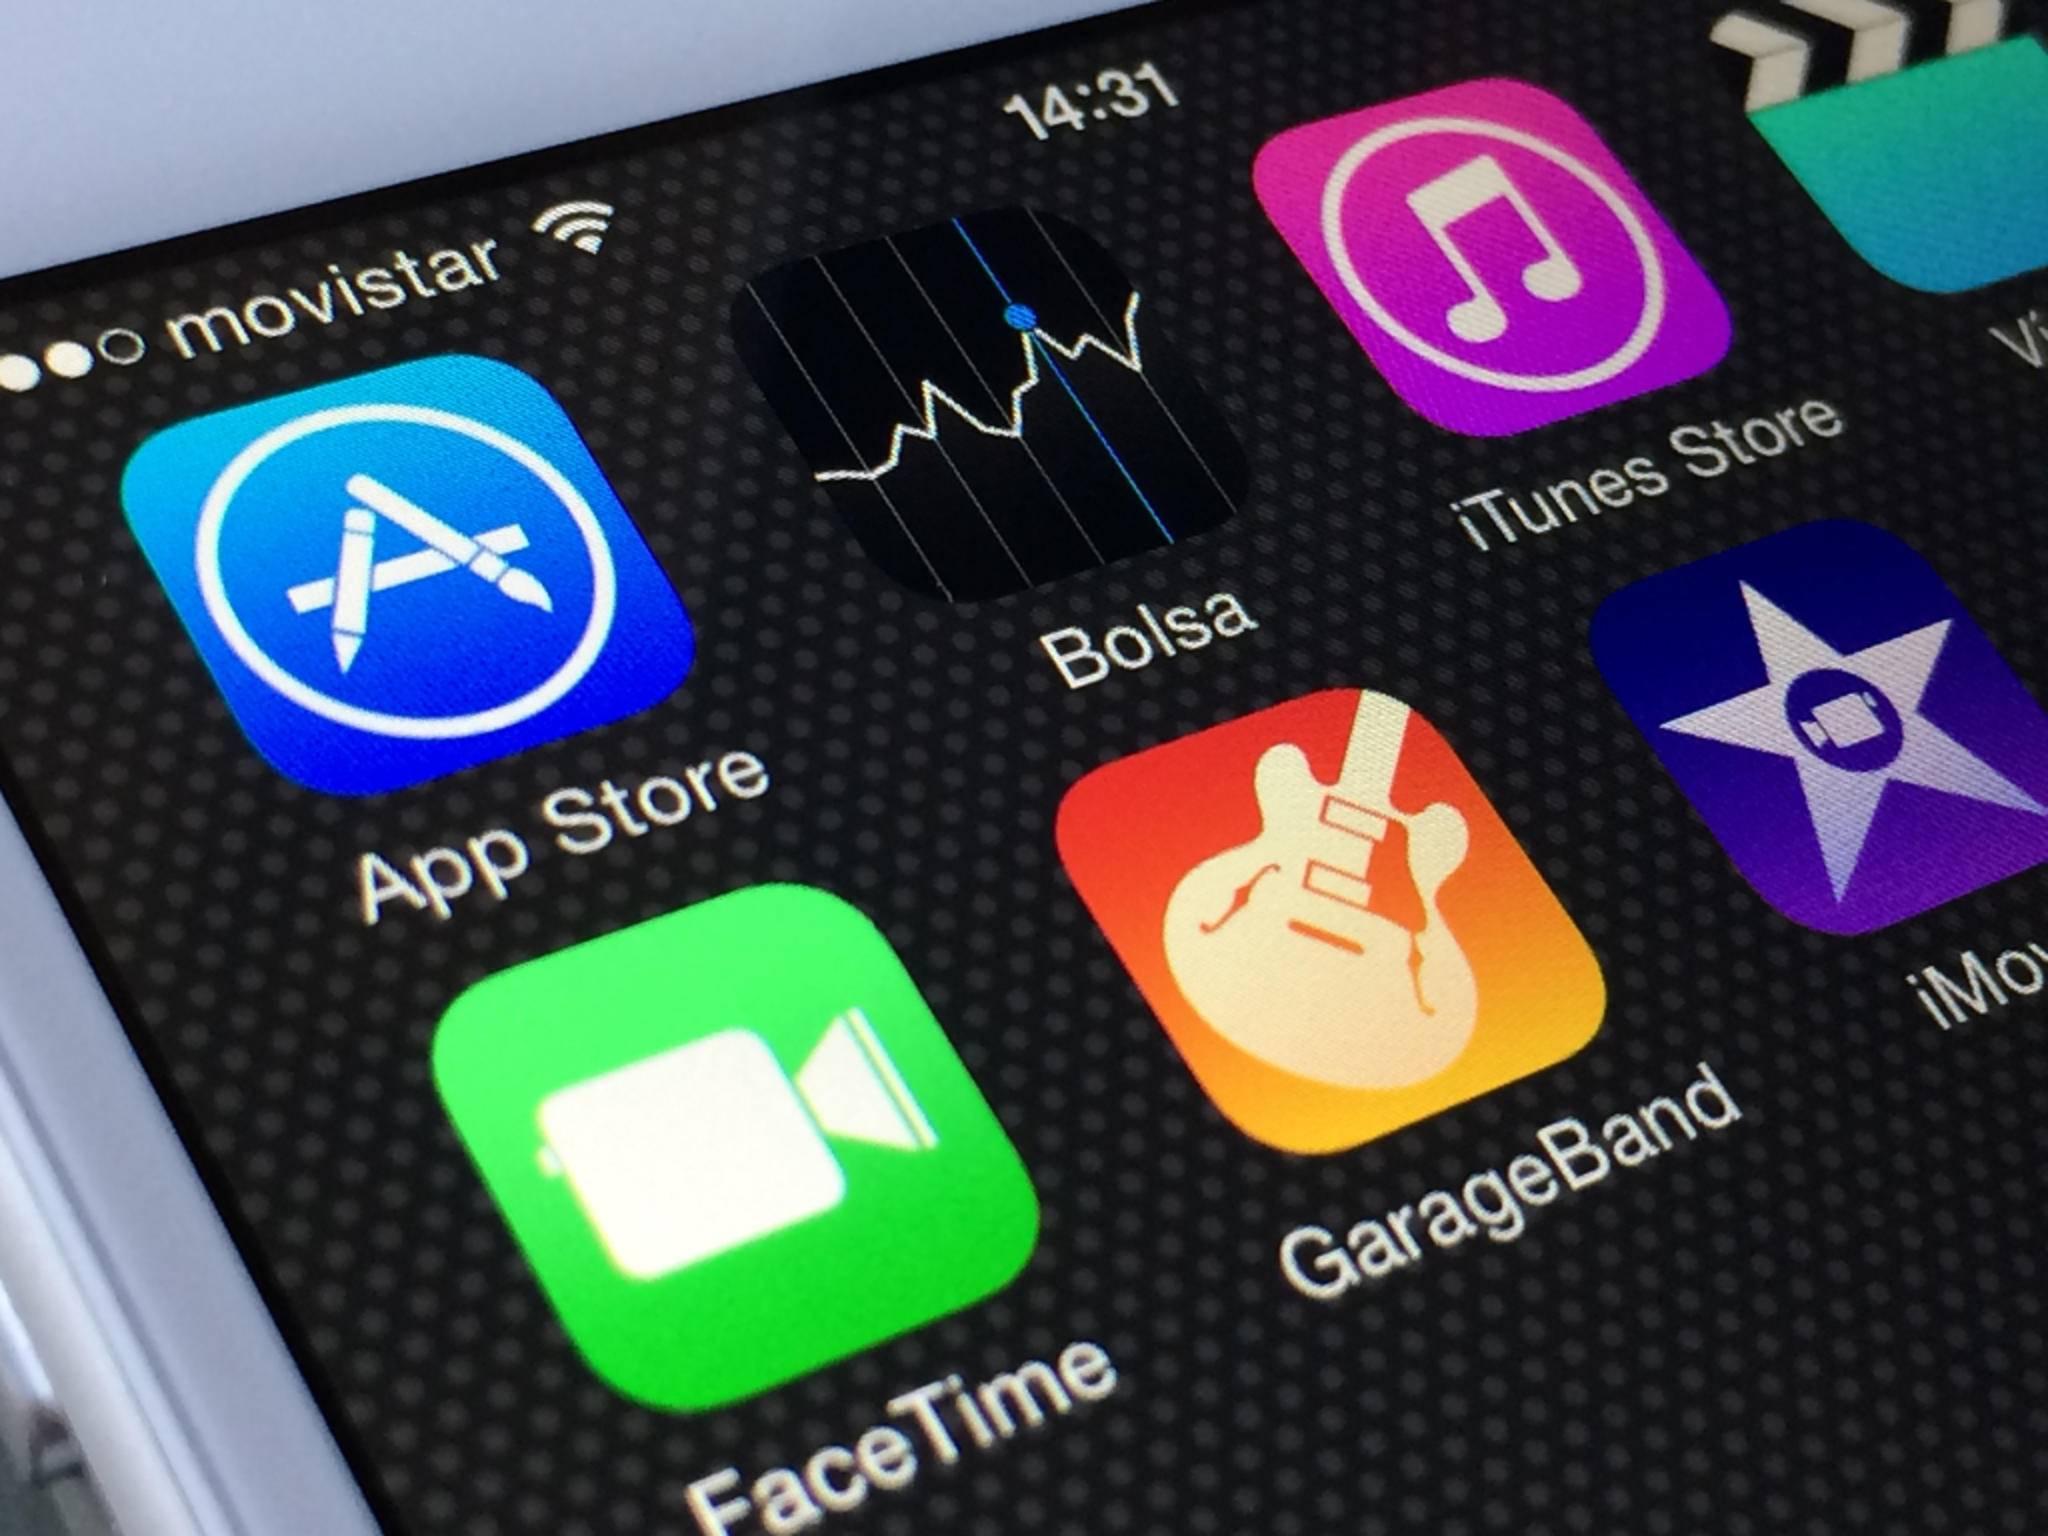 iOS 8.2 soll vor allem die Apple Watch mit einbinden.